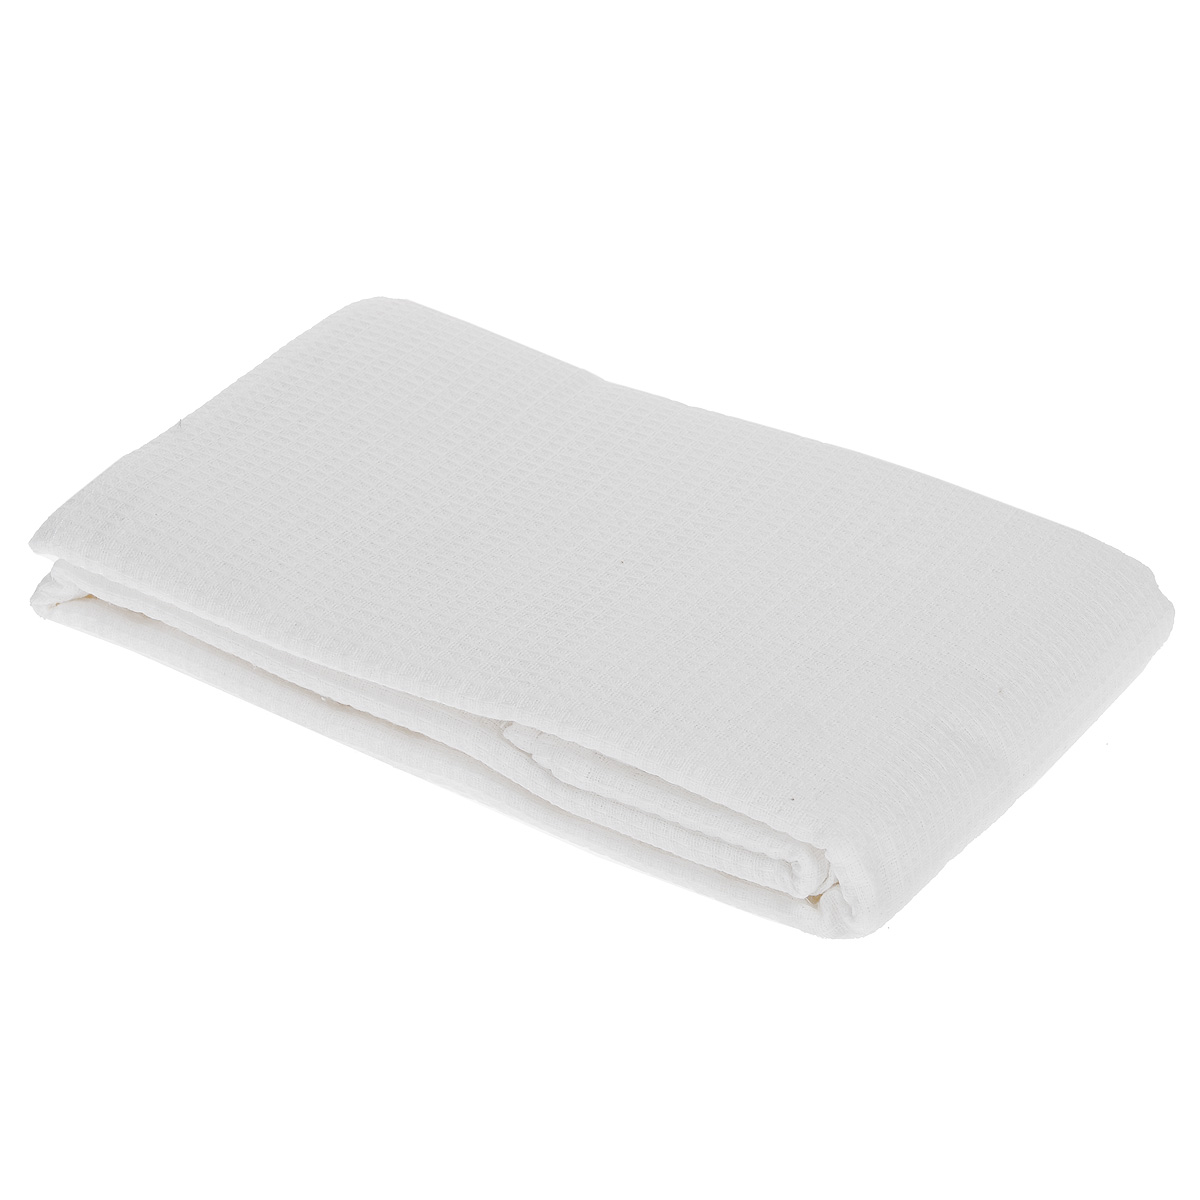 Полотенце-простыня для бани и сауны Банные штучки, цвет: белый, 80 см х 150 см килт для бани и сауны банные штучки мужской цвет голубой